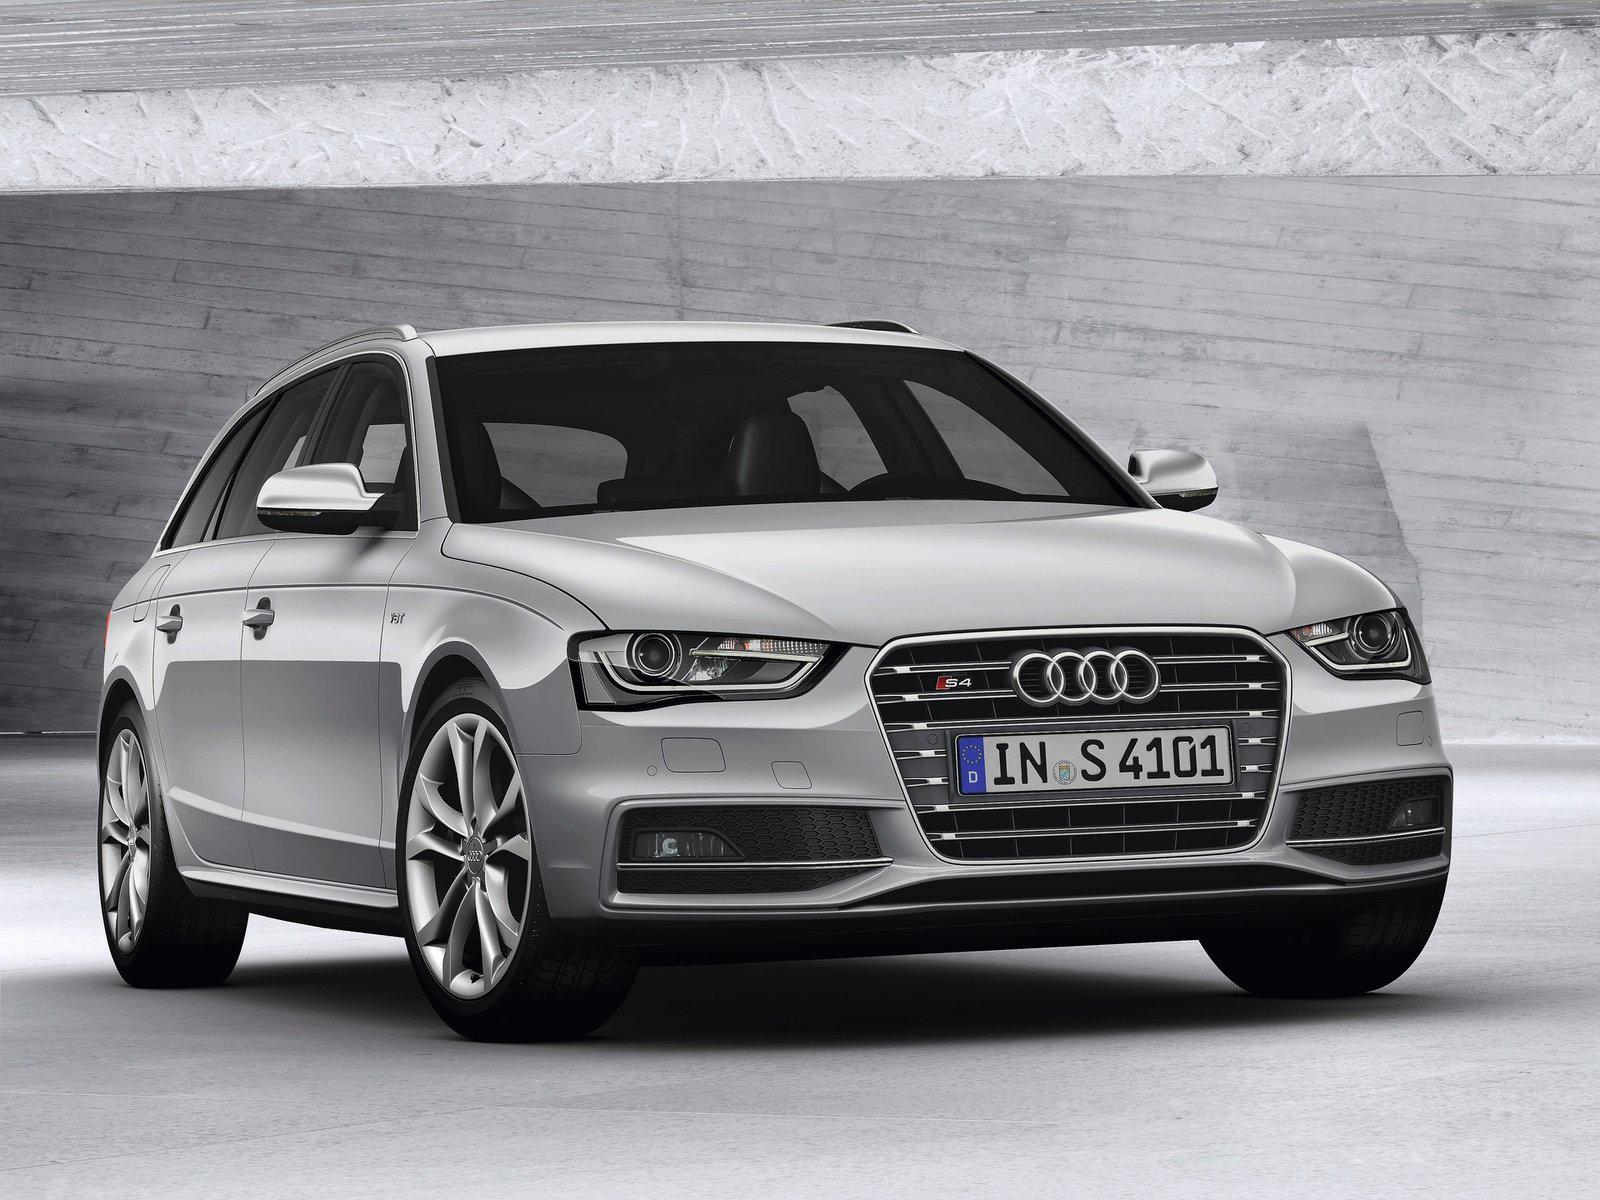 Audi S4 wallpaper HD 1600x1200